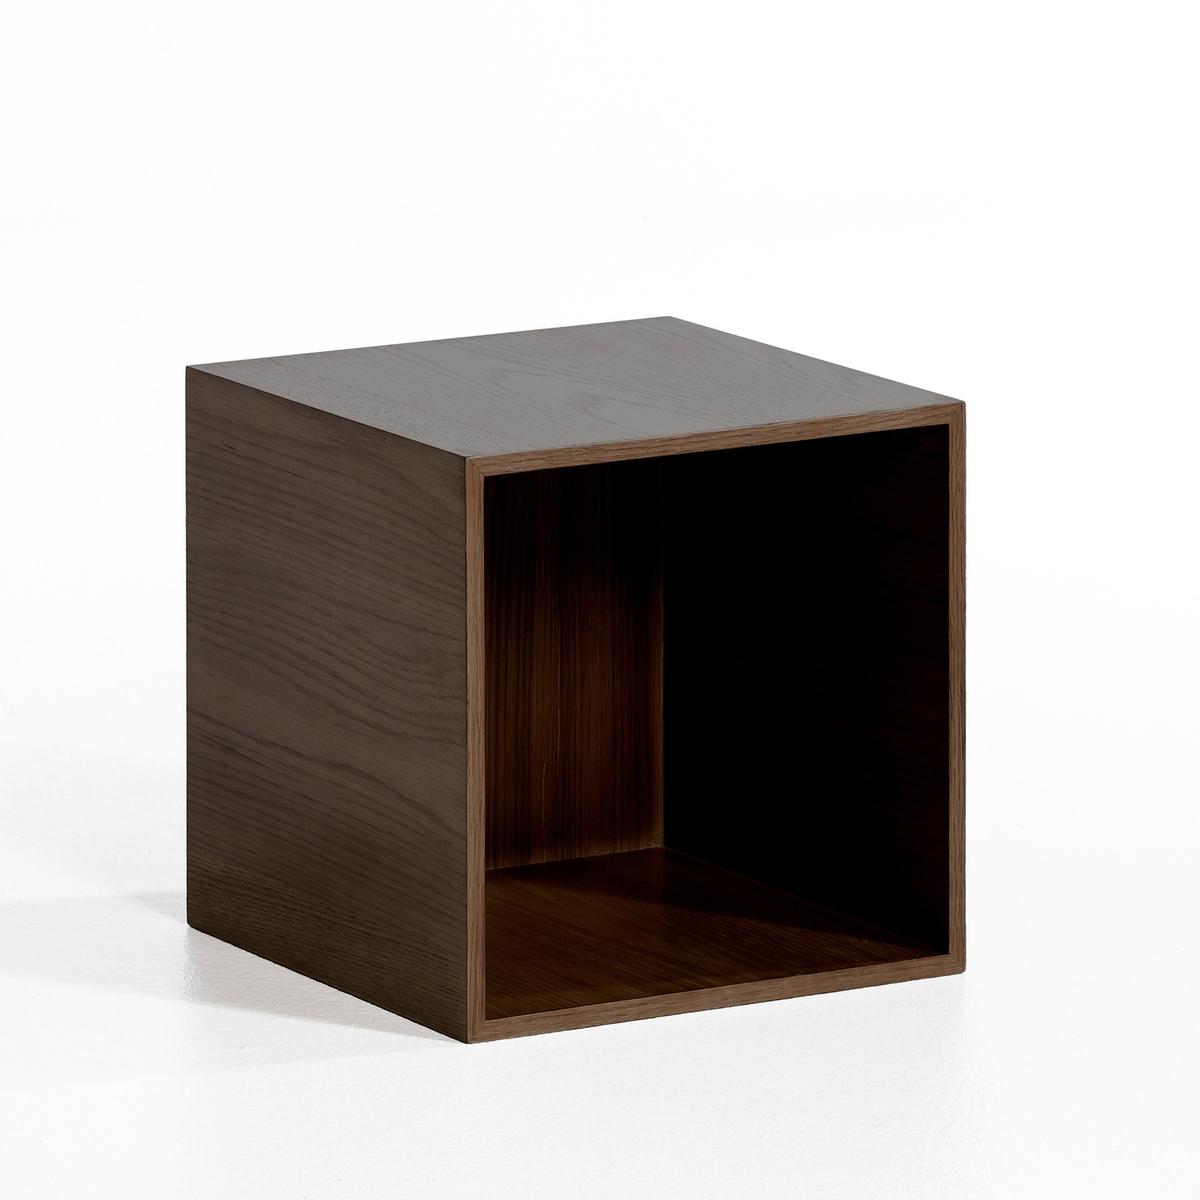 Ящик Kouzou, по дизайну Э. ГаллиныЭтот ящик совмещается с этажеркой Kouzou и объединяется в модулируемую систему, созданную по дизайну Эммануэля Галлина специально для AM.PMХарактеристики:Ящик из МДФ с матовой лакировкой, из фанеры под орех или из массива дуба.Размеры:Размер S: 35 x 35 x 35 см.Размер M: 35 x 35 x 70 см.Размеры и вес упаковки:Размер S: 43 x 43 x 43 см, 7,76 кг.Размер M: 43 x 43 x 77 см, 10,88 кг<br><br>Цвет: натуральный дуб,ореховый,черный